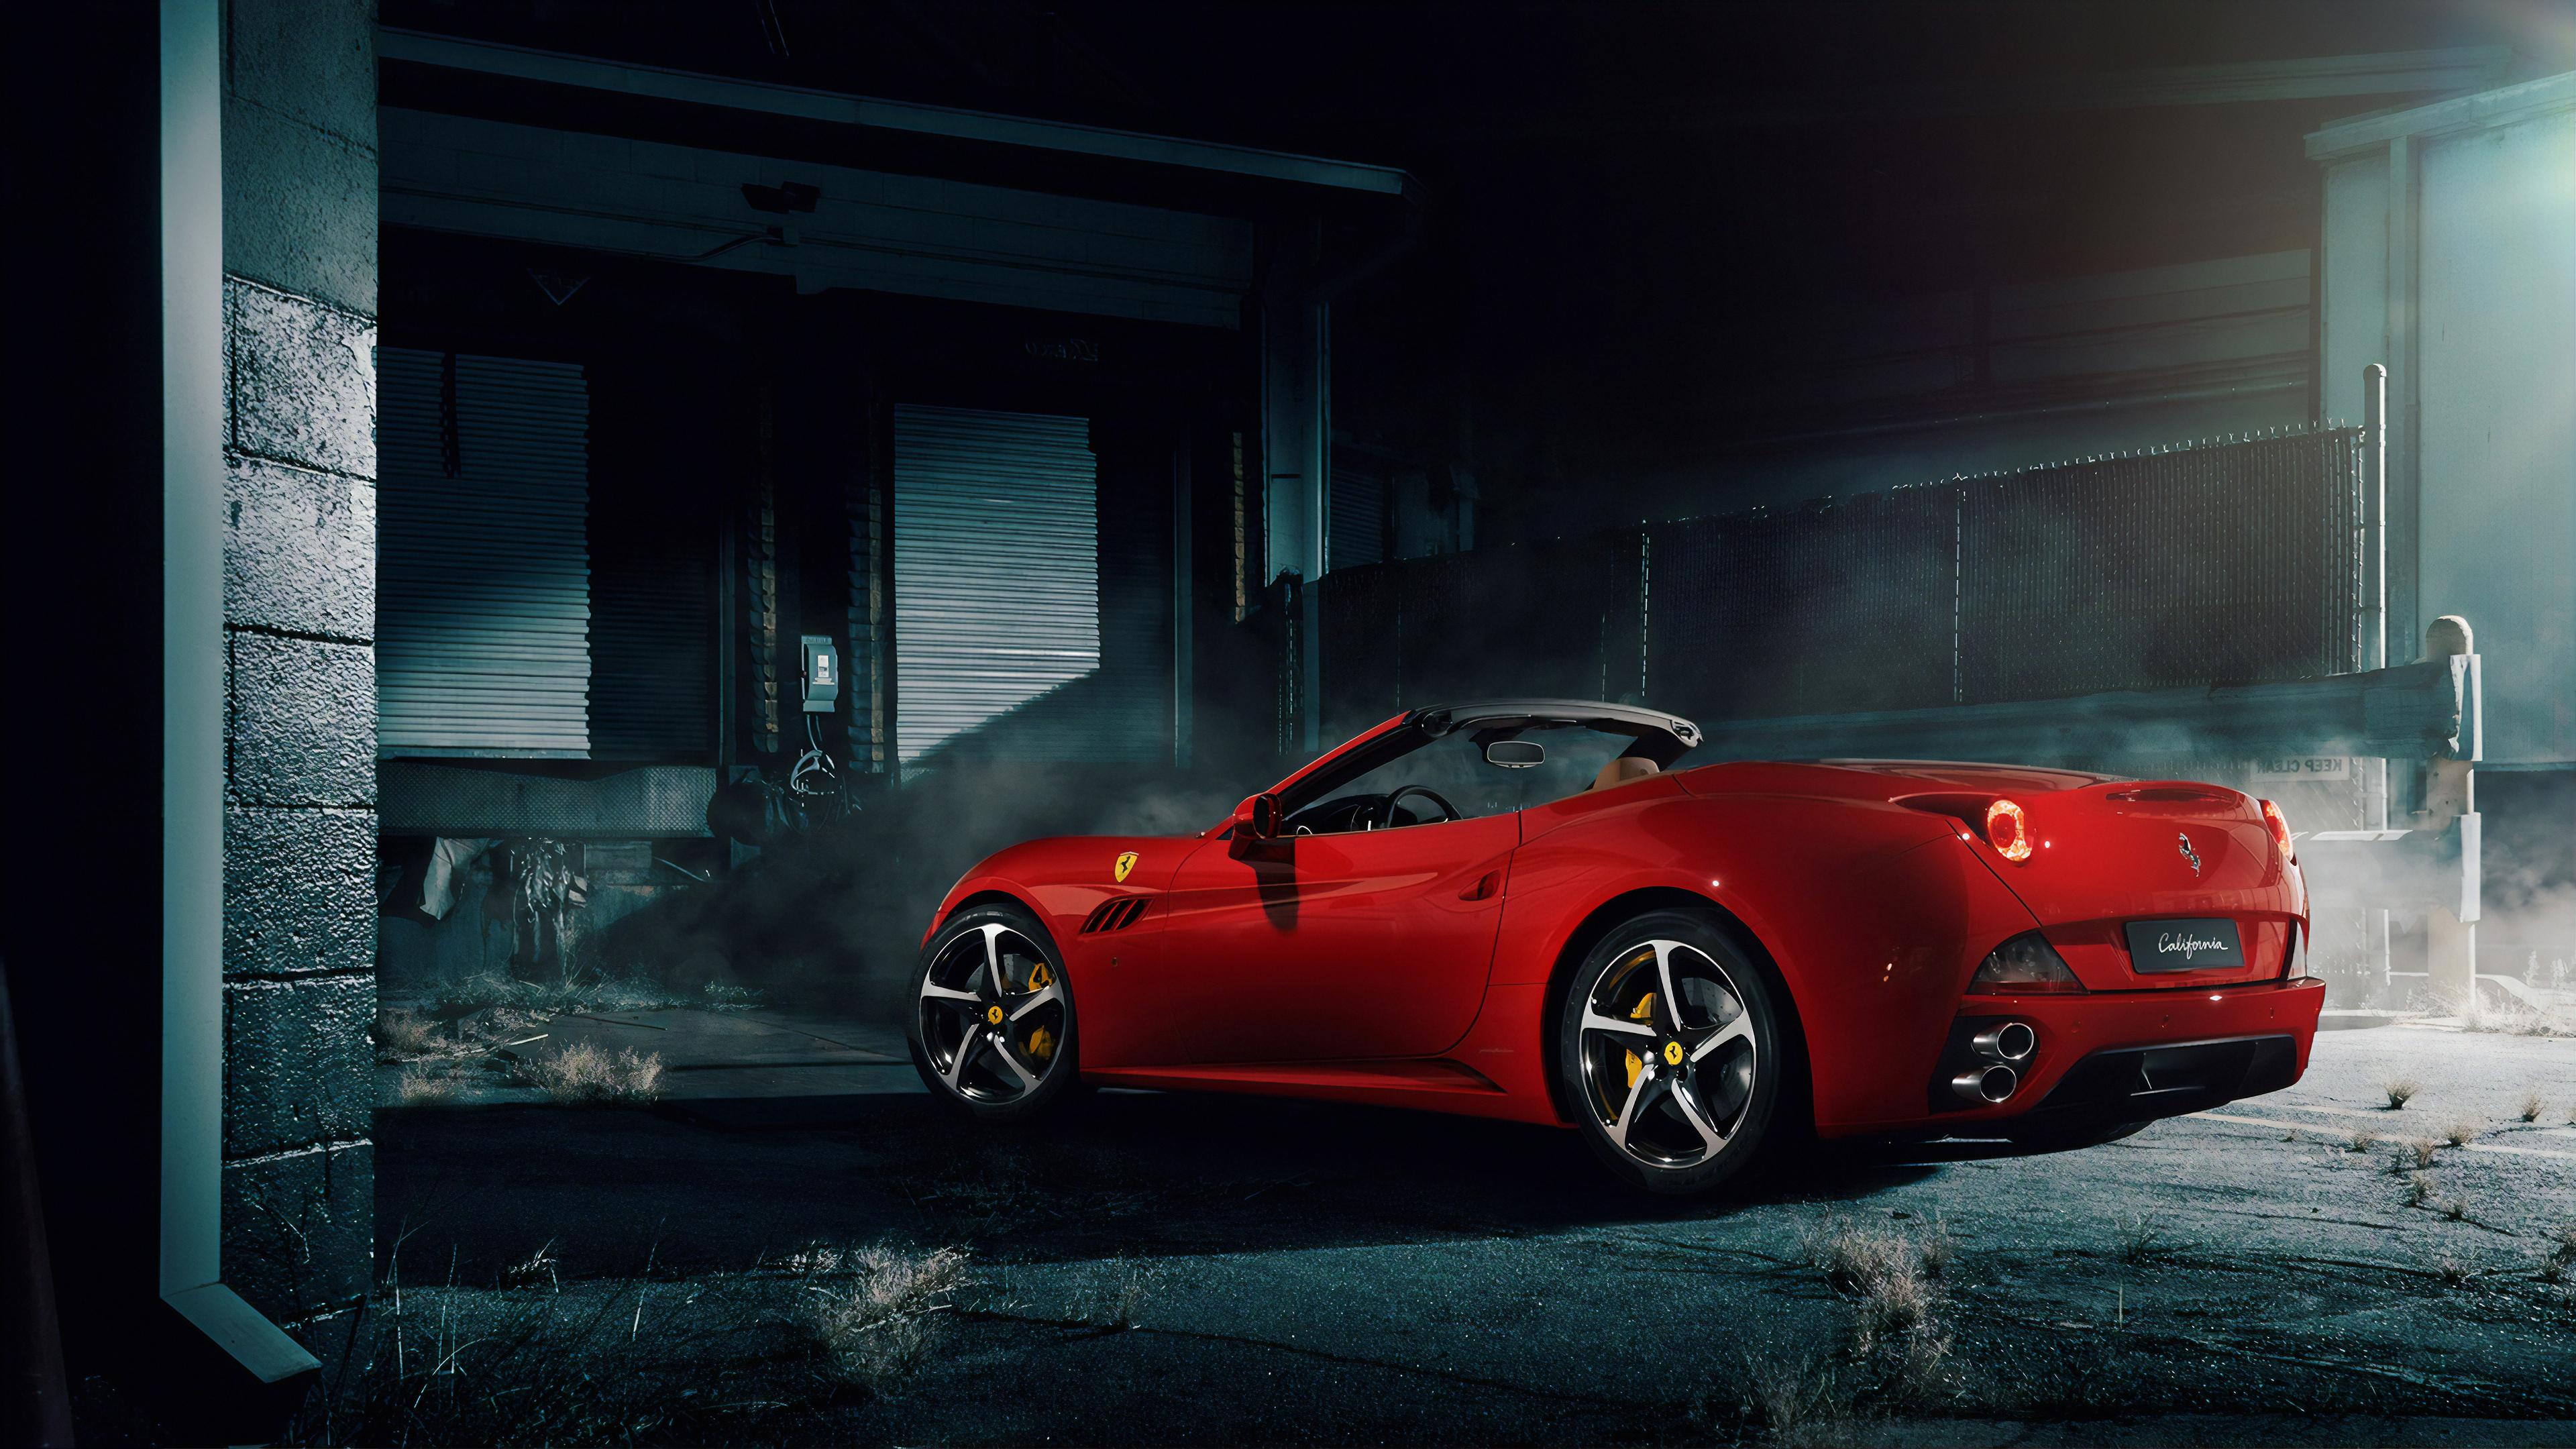 california ferrari 1565055055 - California Ferrari - hd-wallpapers, ferrari wallpapers, cars wallpapers, behance wallpapers, 4k-wallpapers